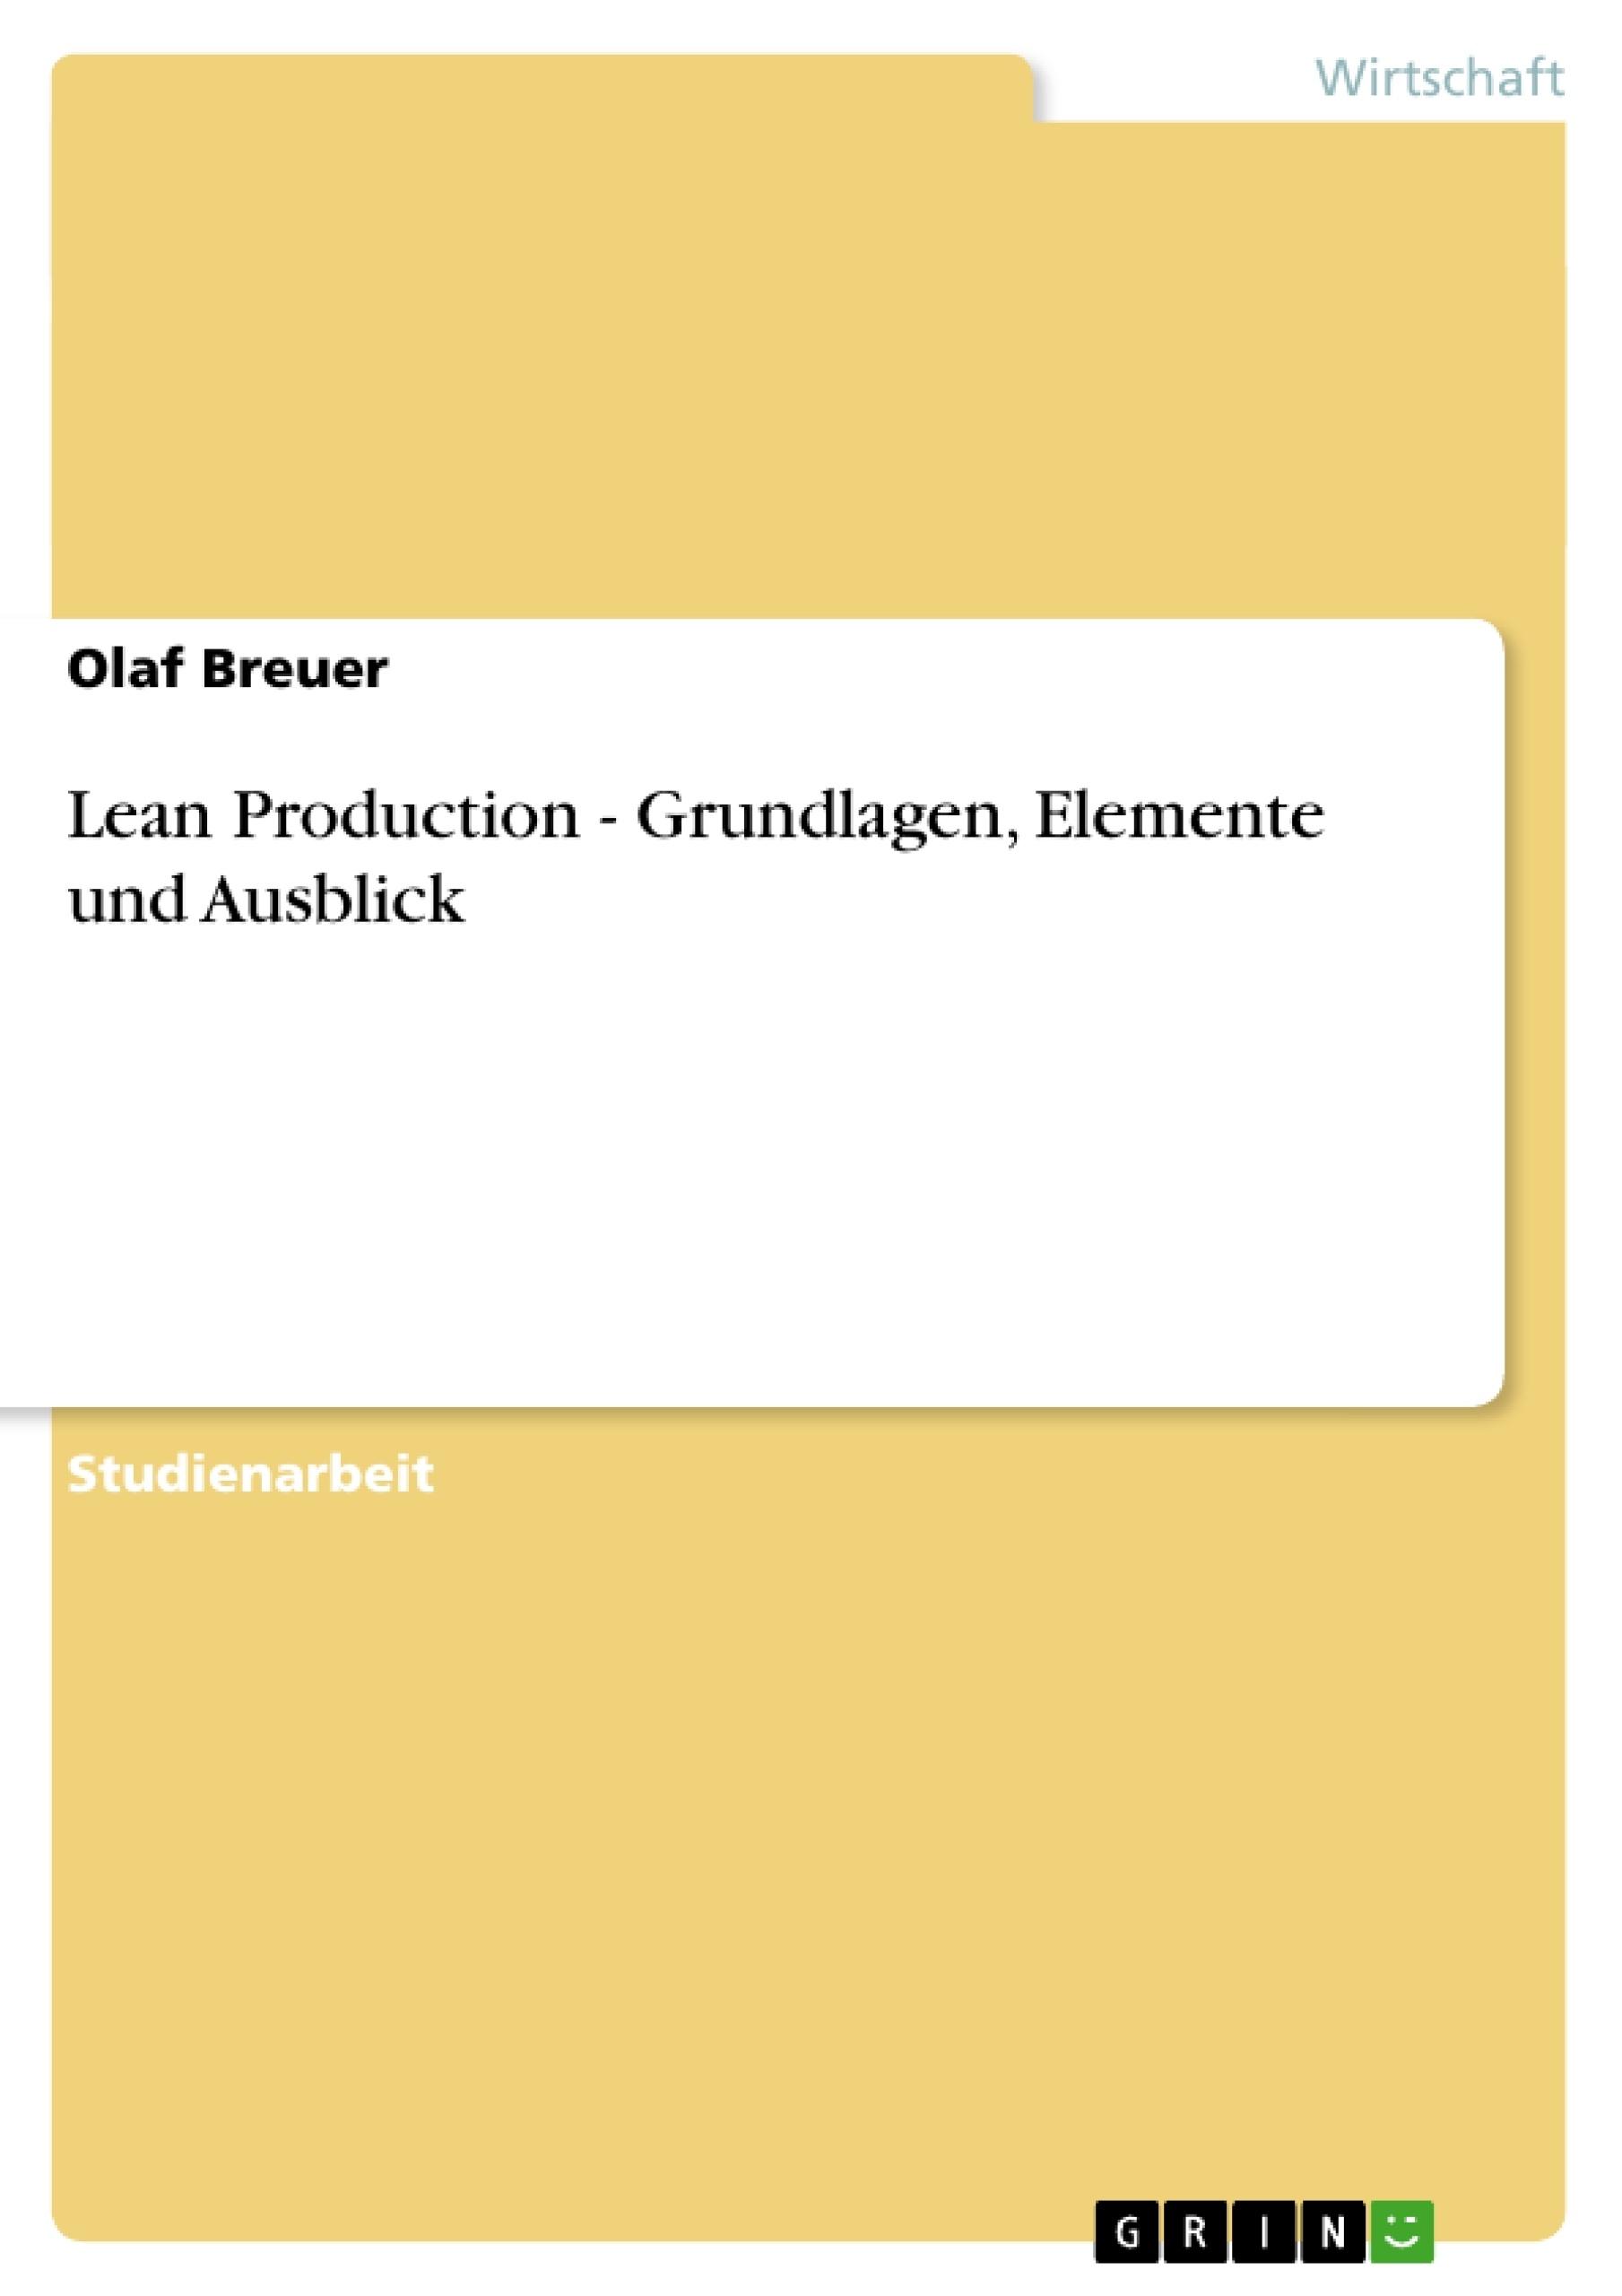 Titel: Lean Production - Grundlagen, Elemente und Ausblick